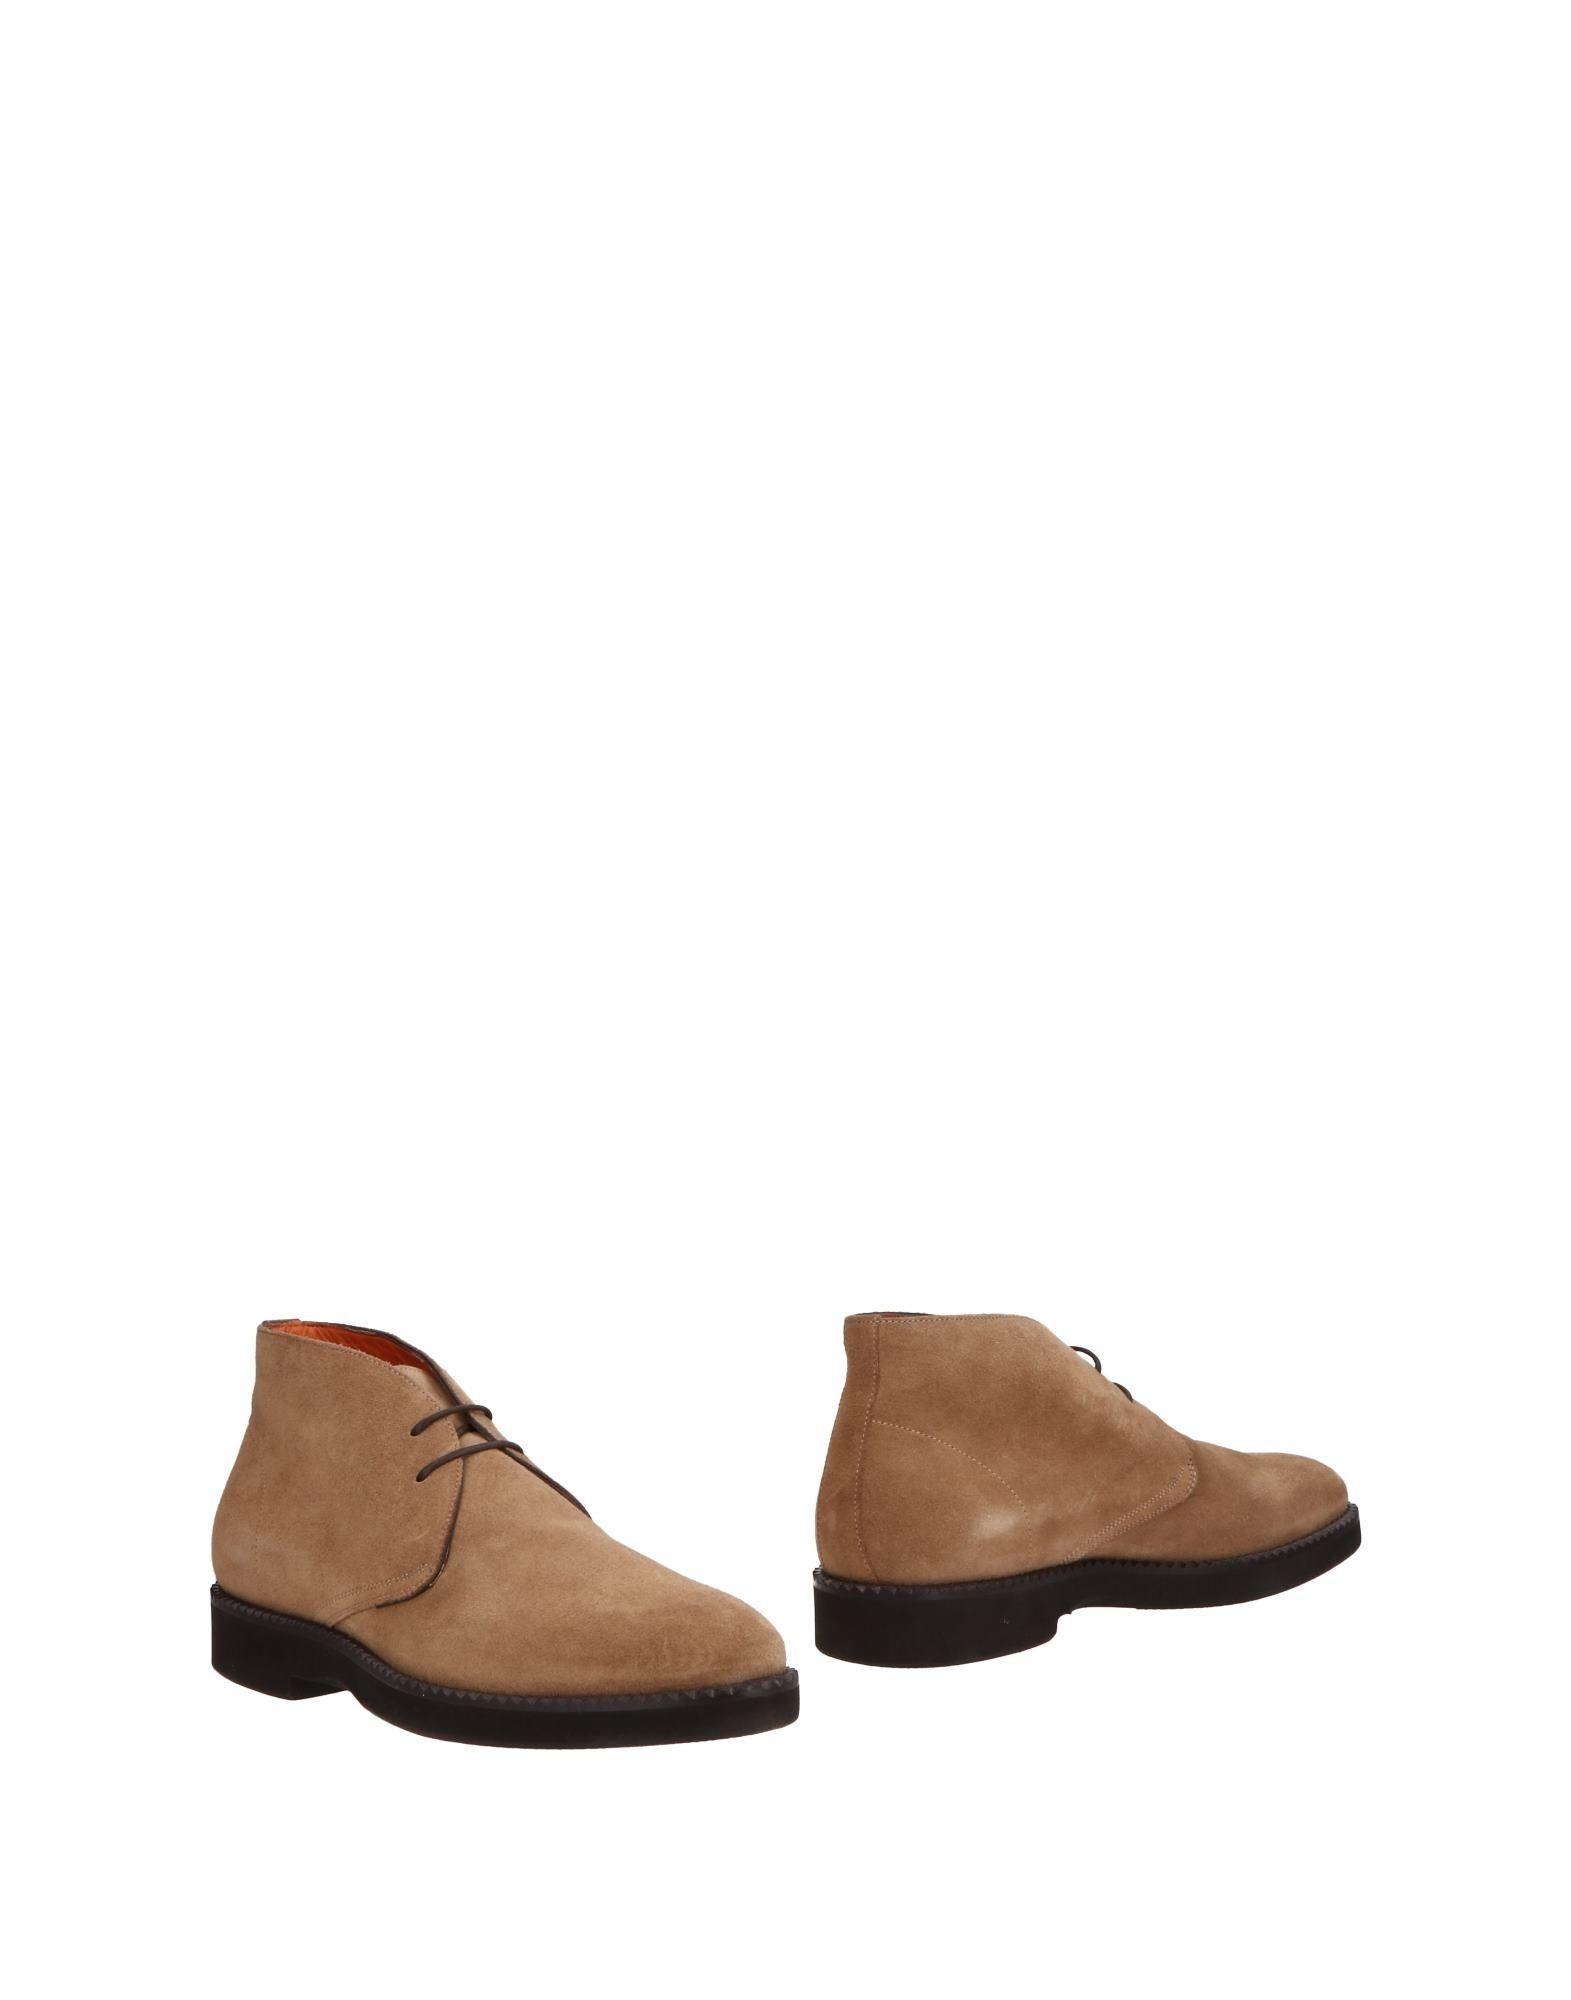 Santoni Stiefelette Herren  11498617JH Gute Qualität beliebte Schuhe